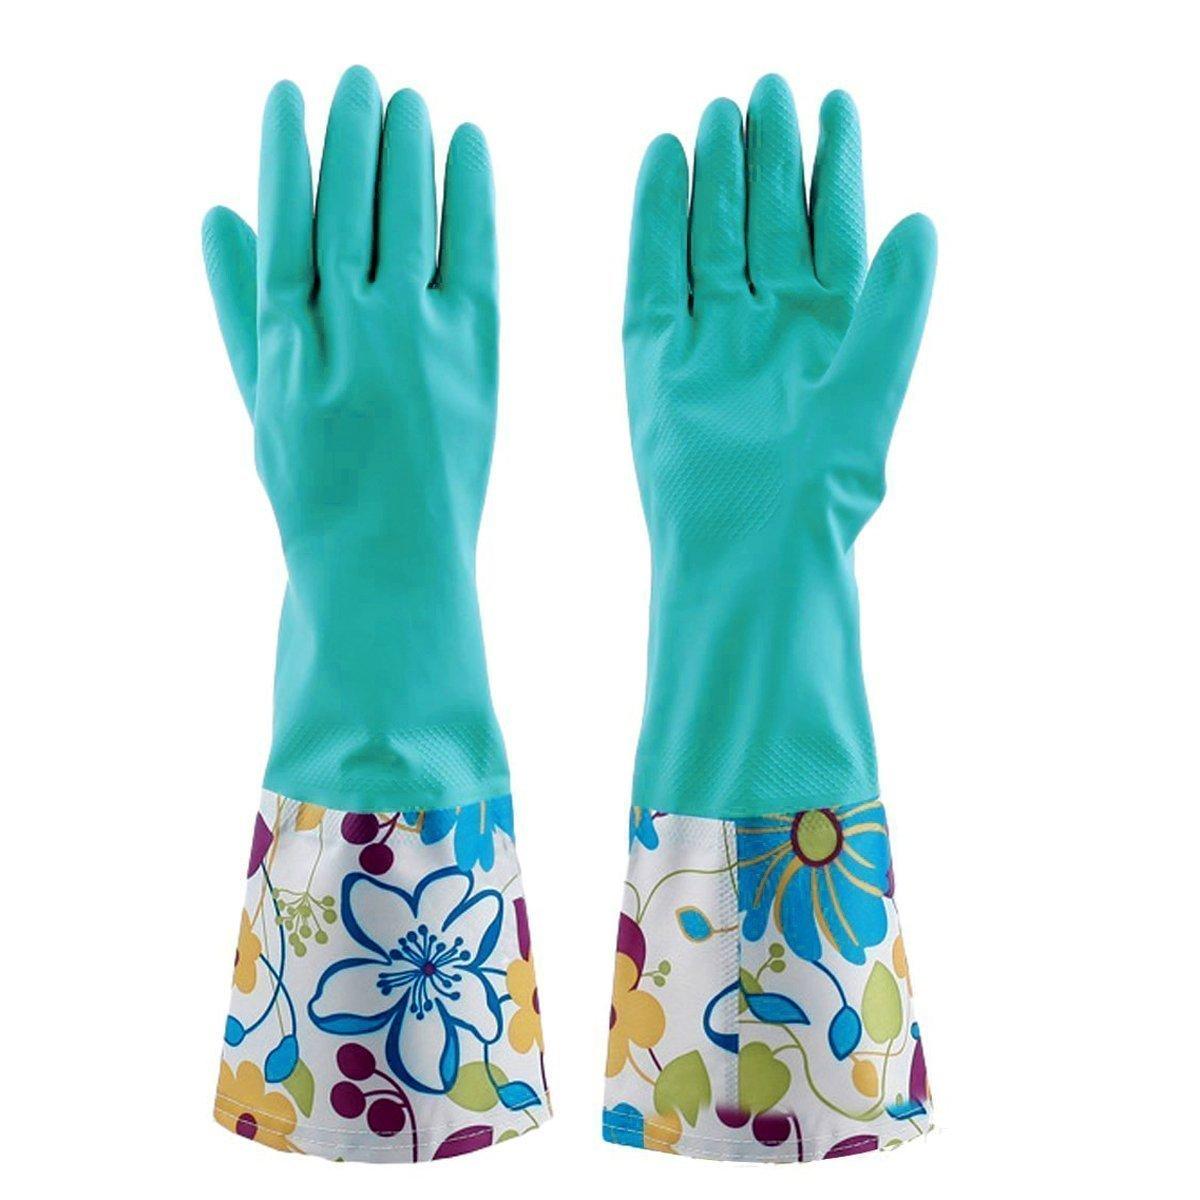 Lucky Will Femme réutilisable Motif fleurs étanche en caoutchouc gants gants de ménage en latex Gants en caoutchouc